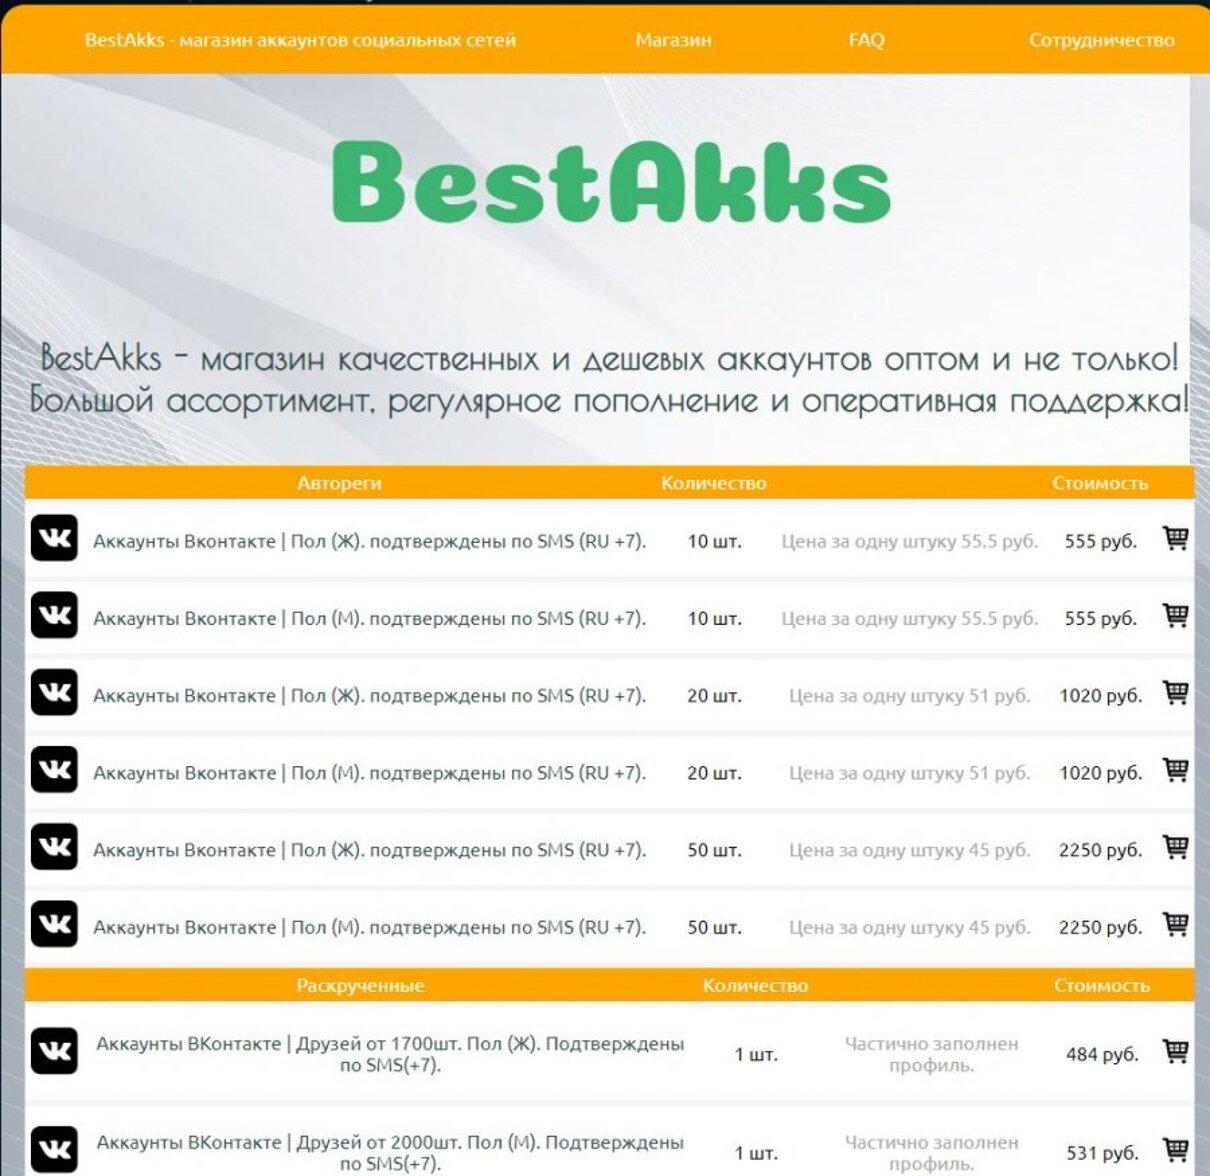 Жалоба-отзыв: Bestakks.ru - Мошенники